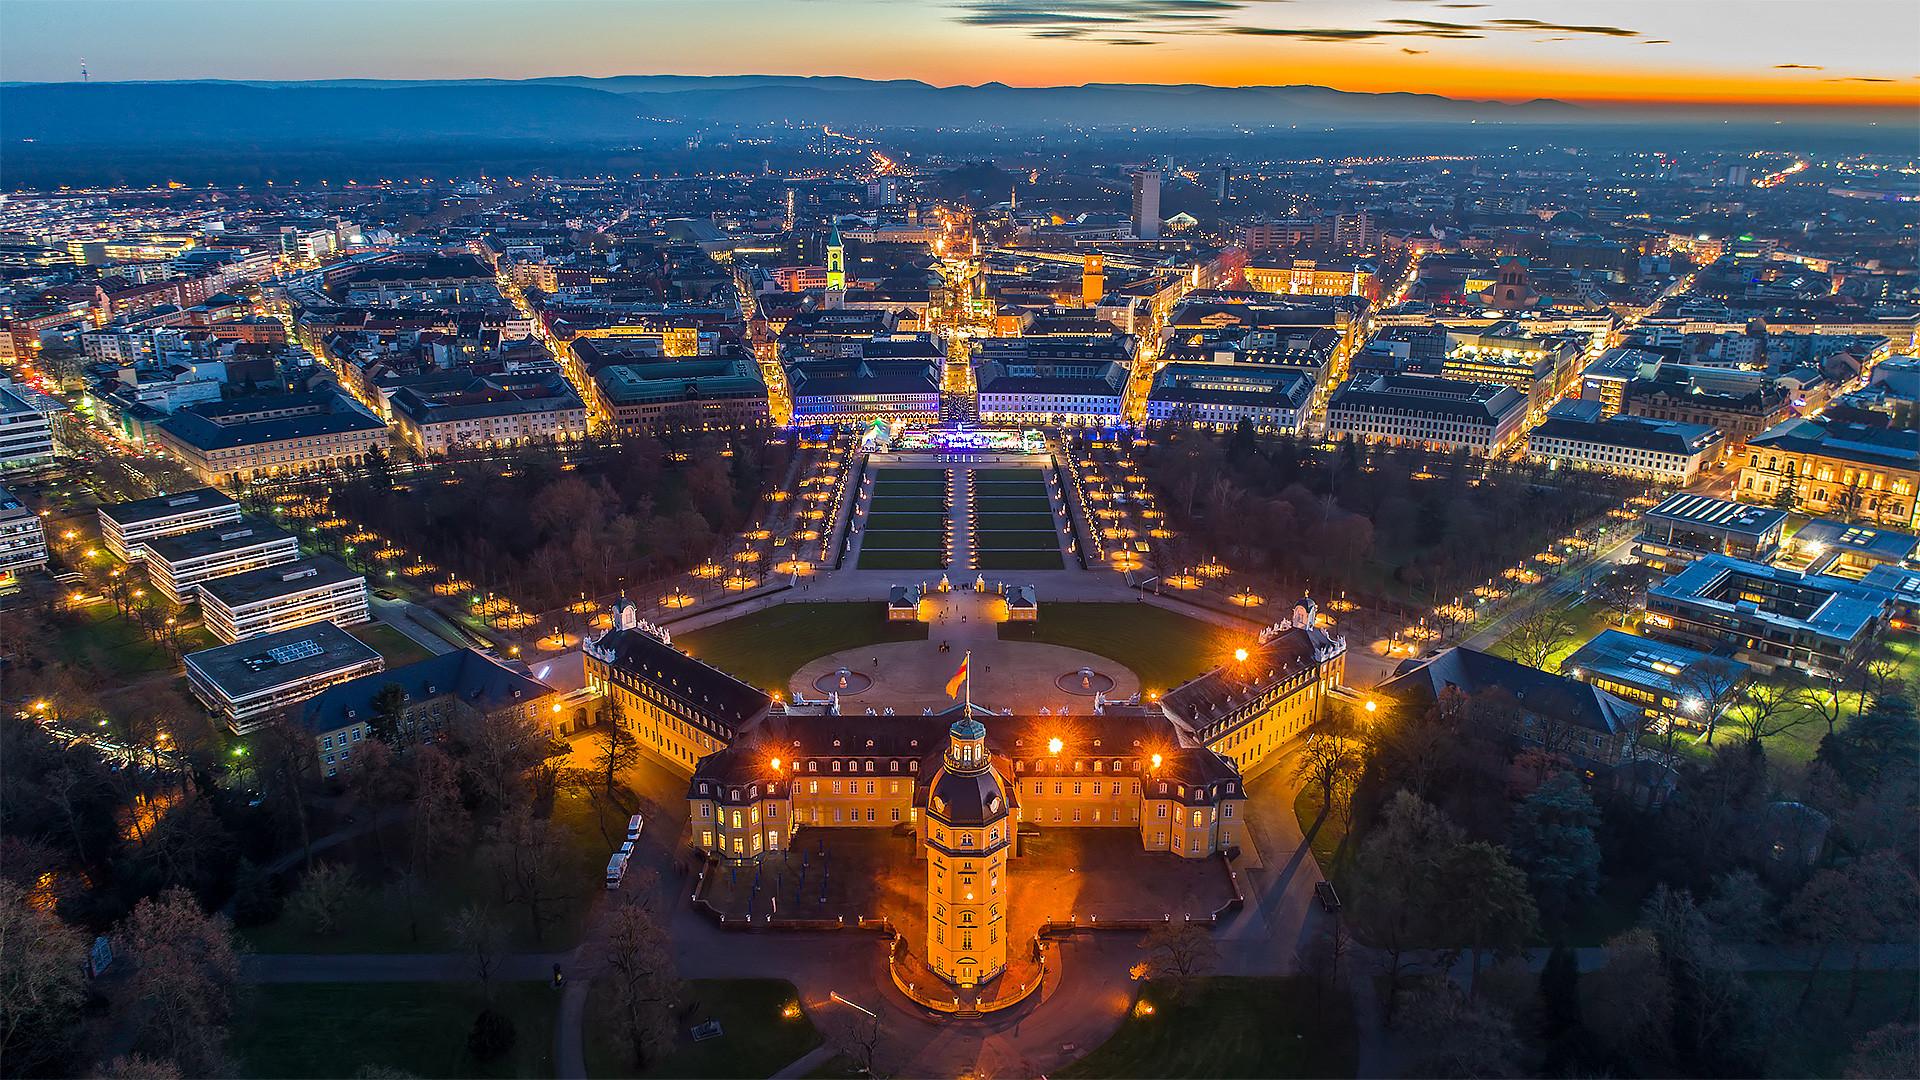 Schloss Karlsruhe @ Night (Remastering Version)